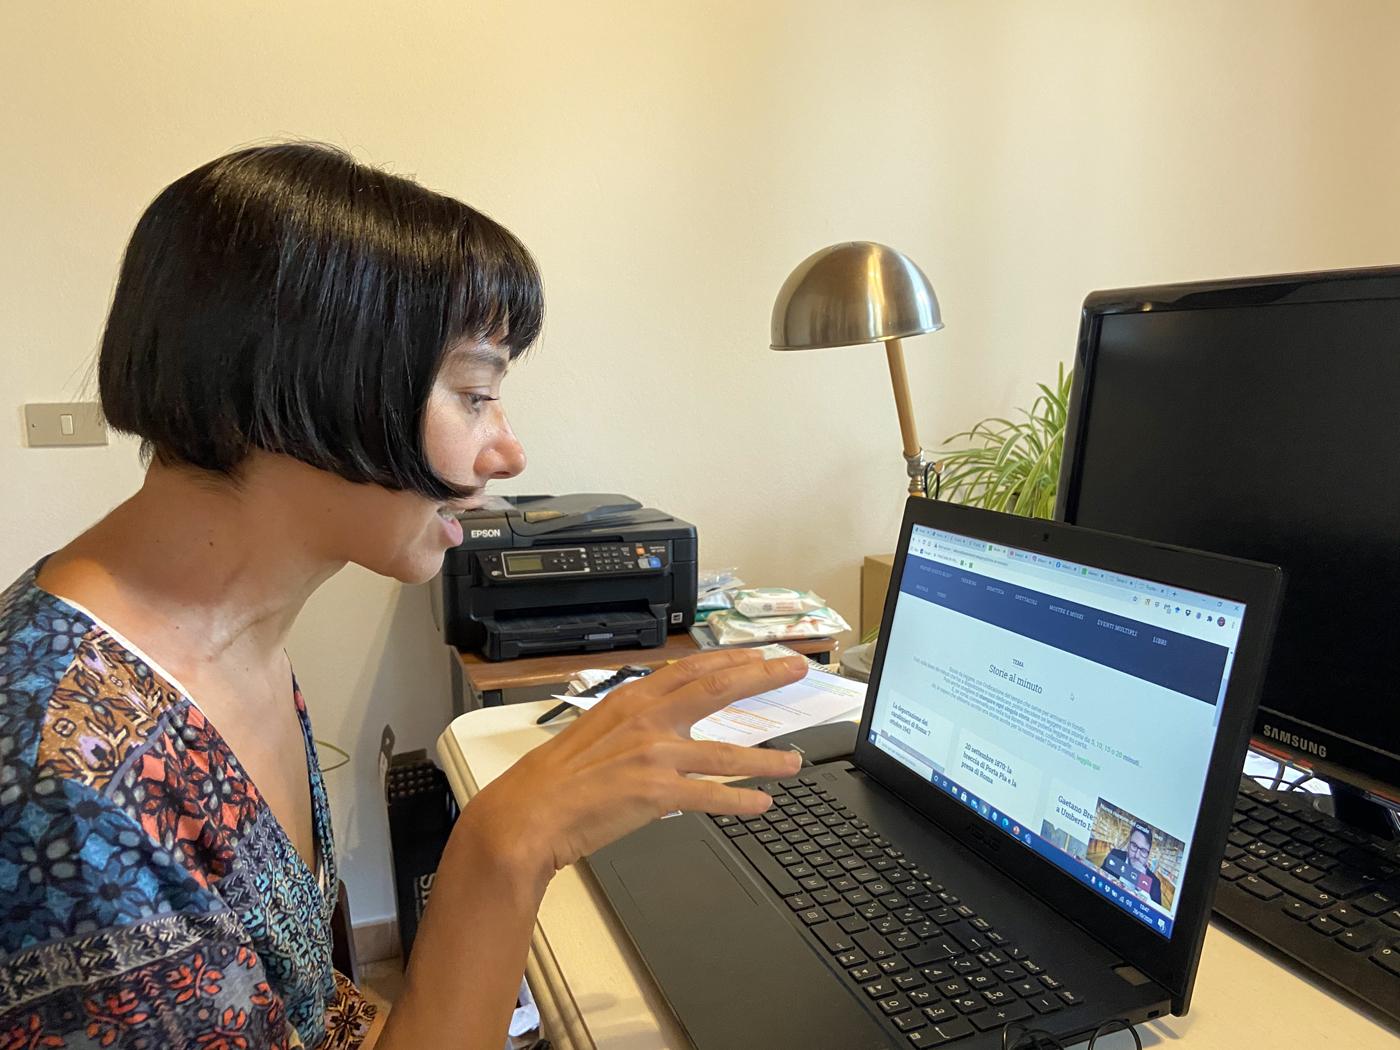 Paola Gemelli nel corso dell'intervento al laboratorio in Digital History.